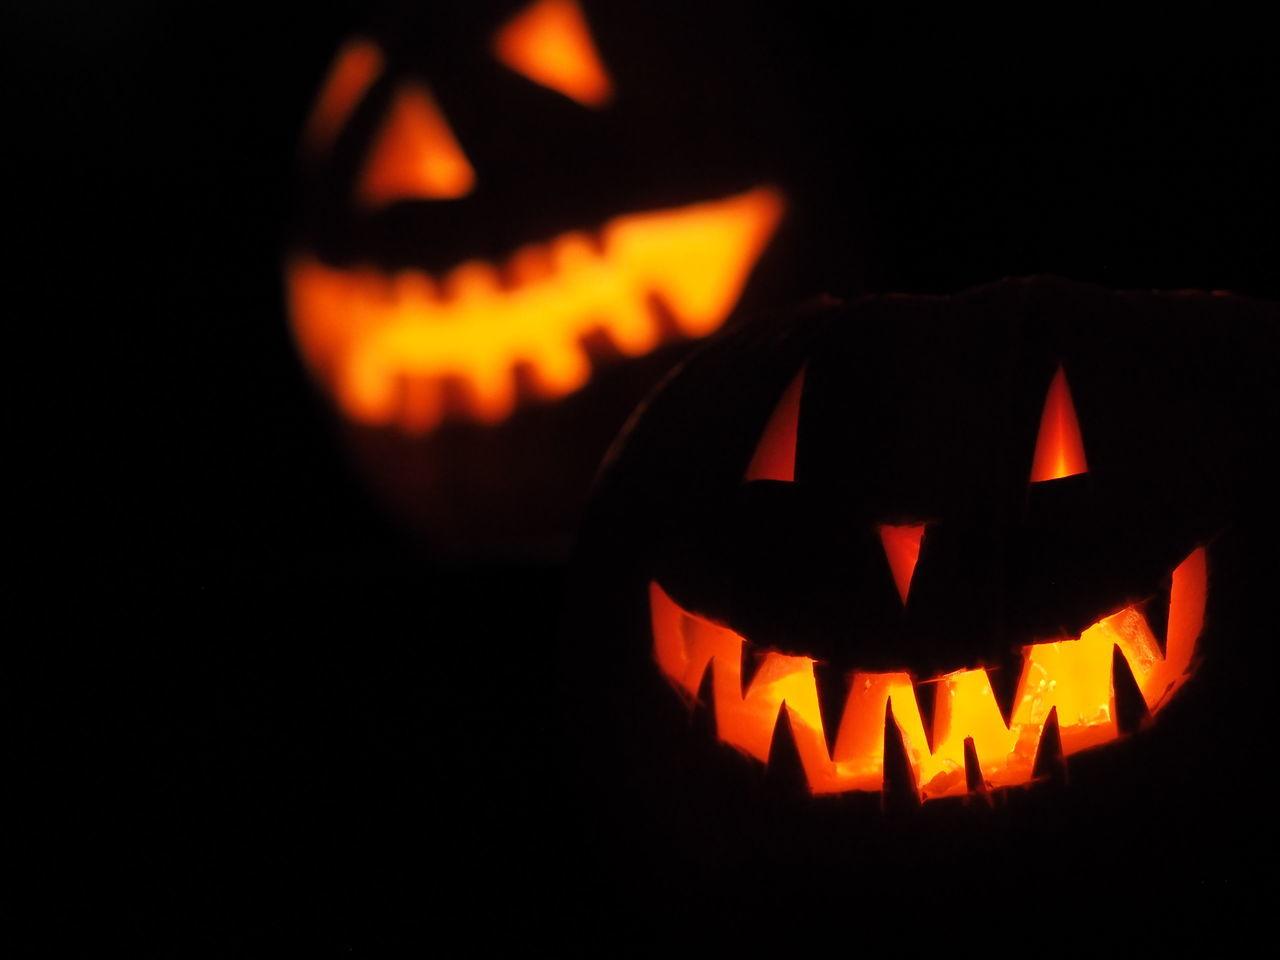 Autumn Halloween Lantern Night Pumpkin Spooky